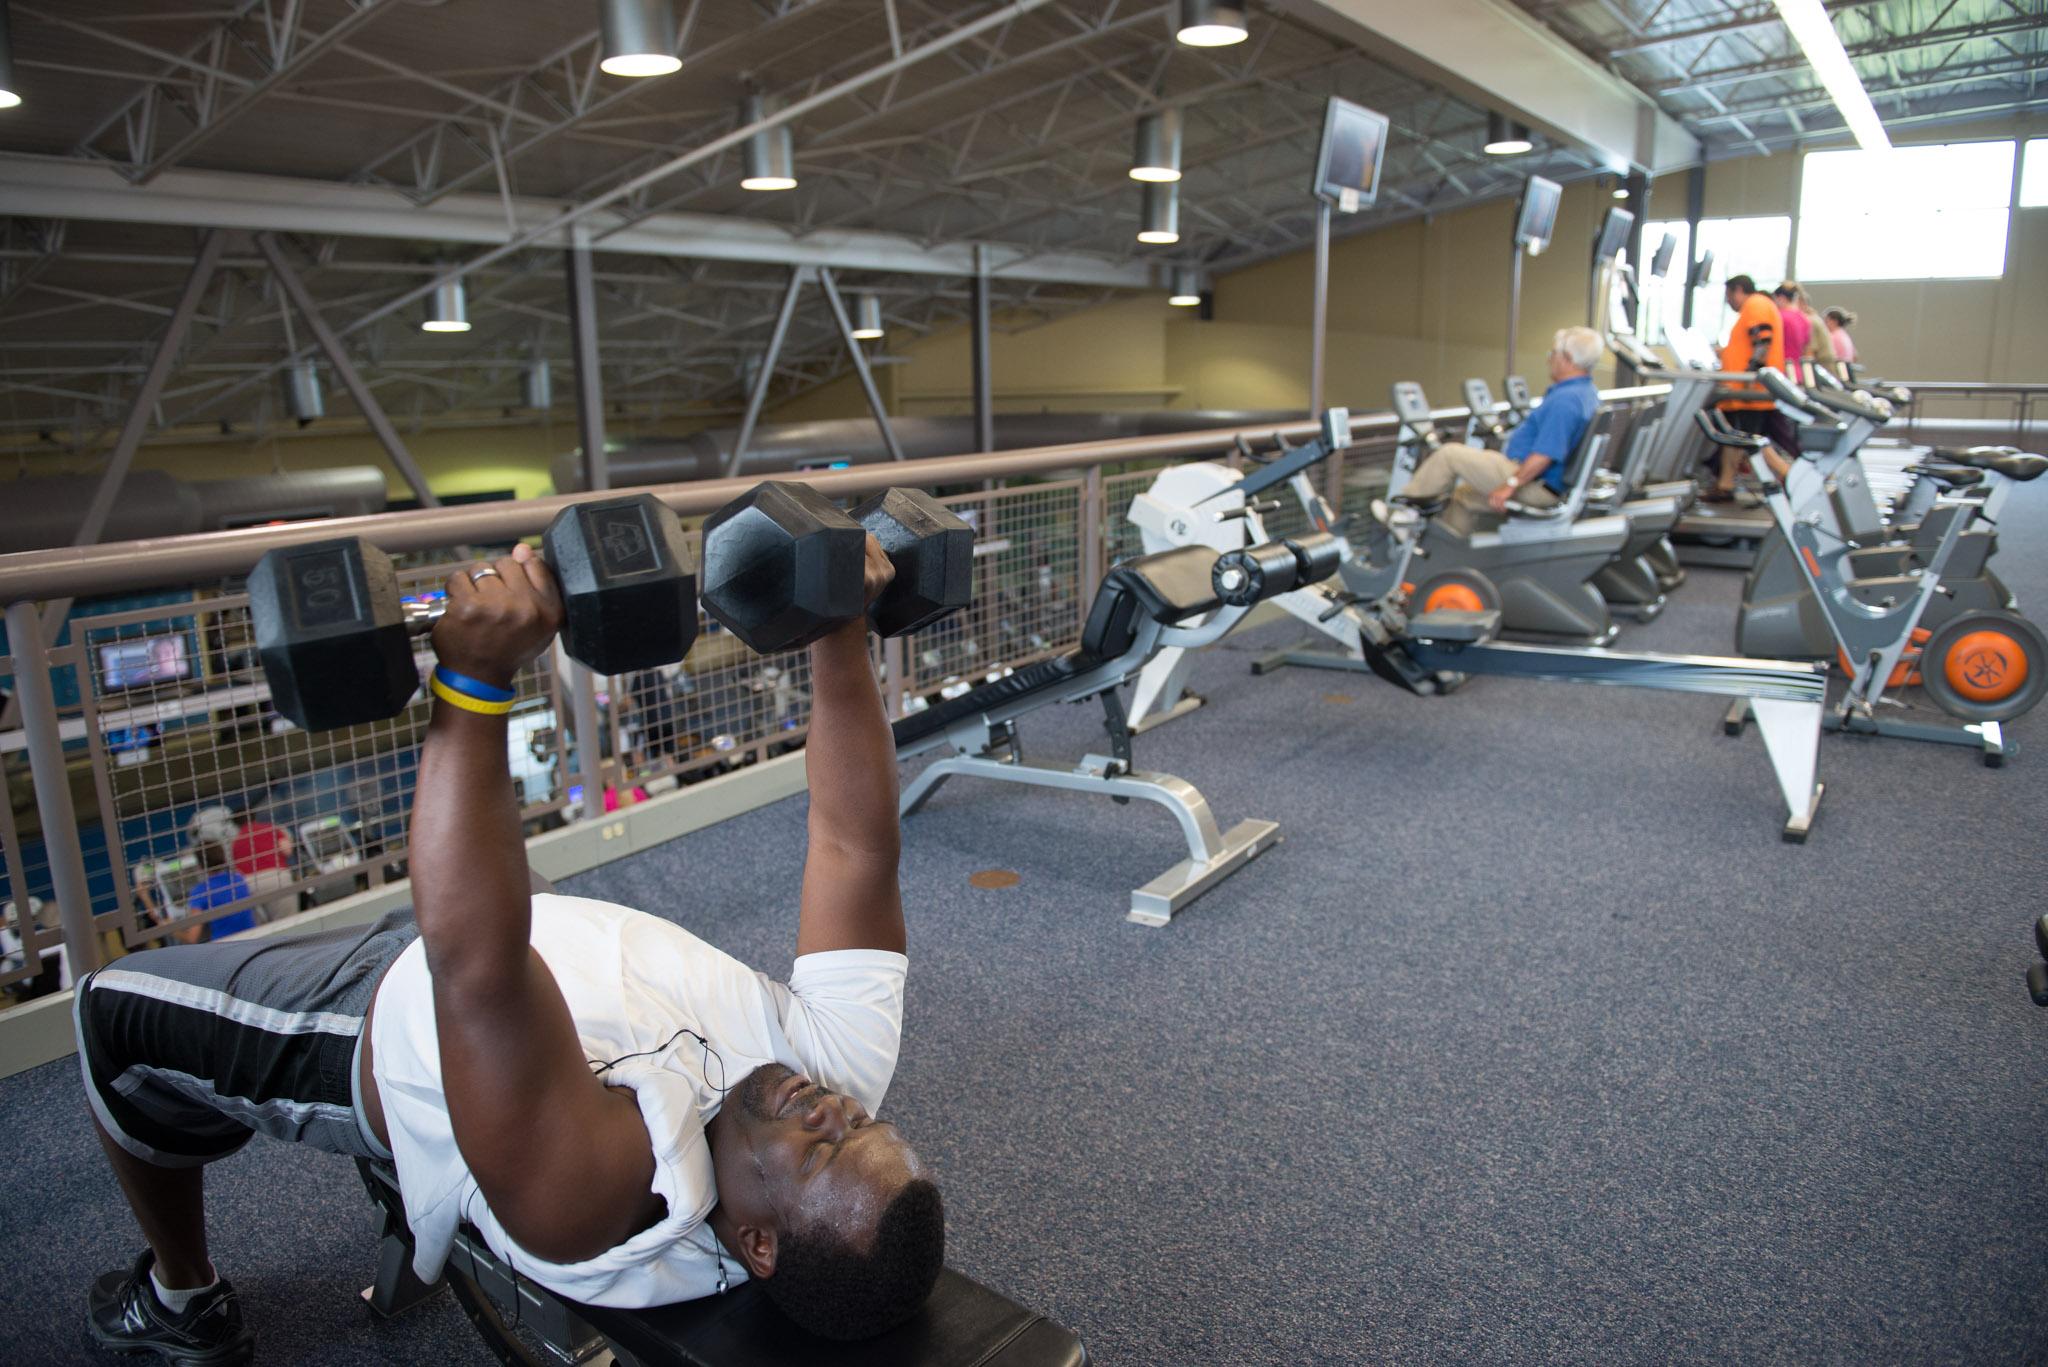 Wellness Center Stock Photos-1351.jpg